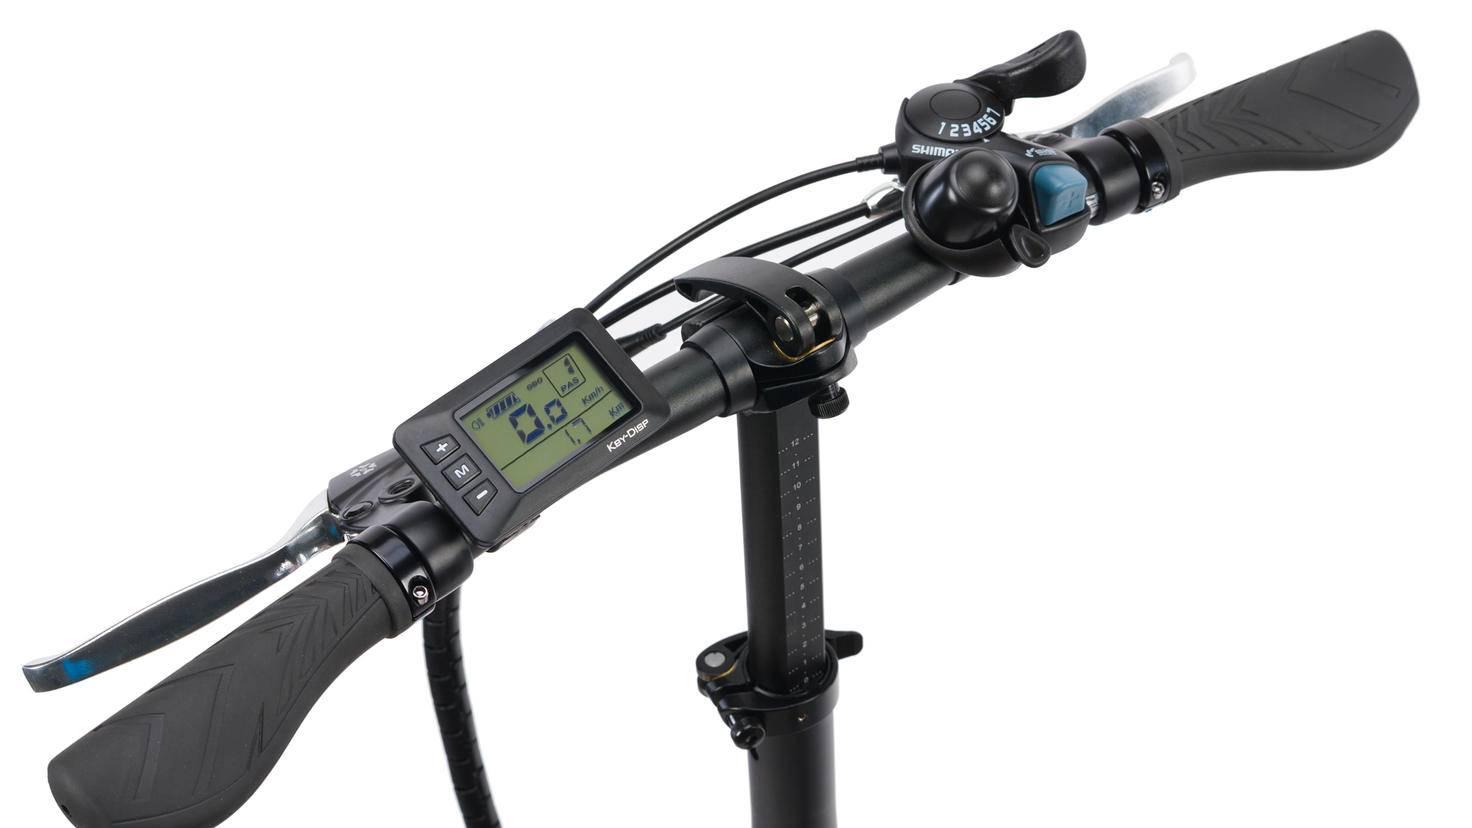 ... und hat wie die anderen Modelle einen LCD-Bike-Computer an Bord.